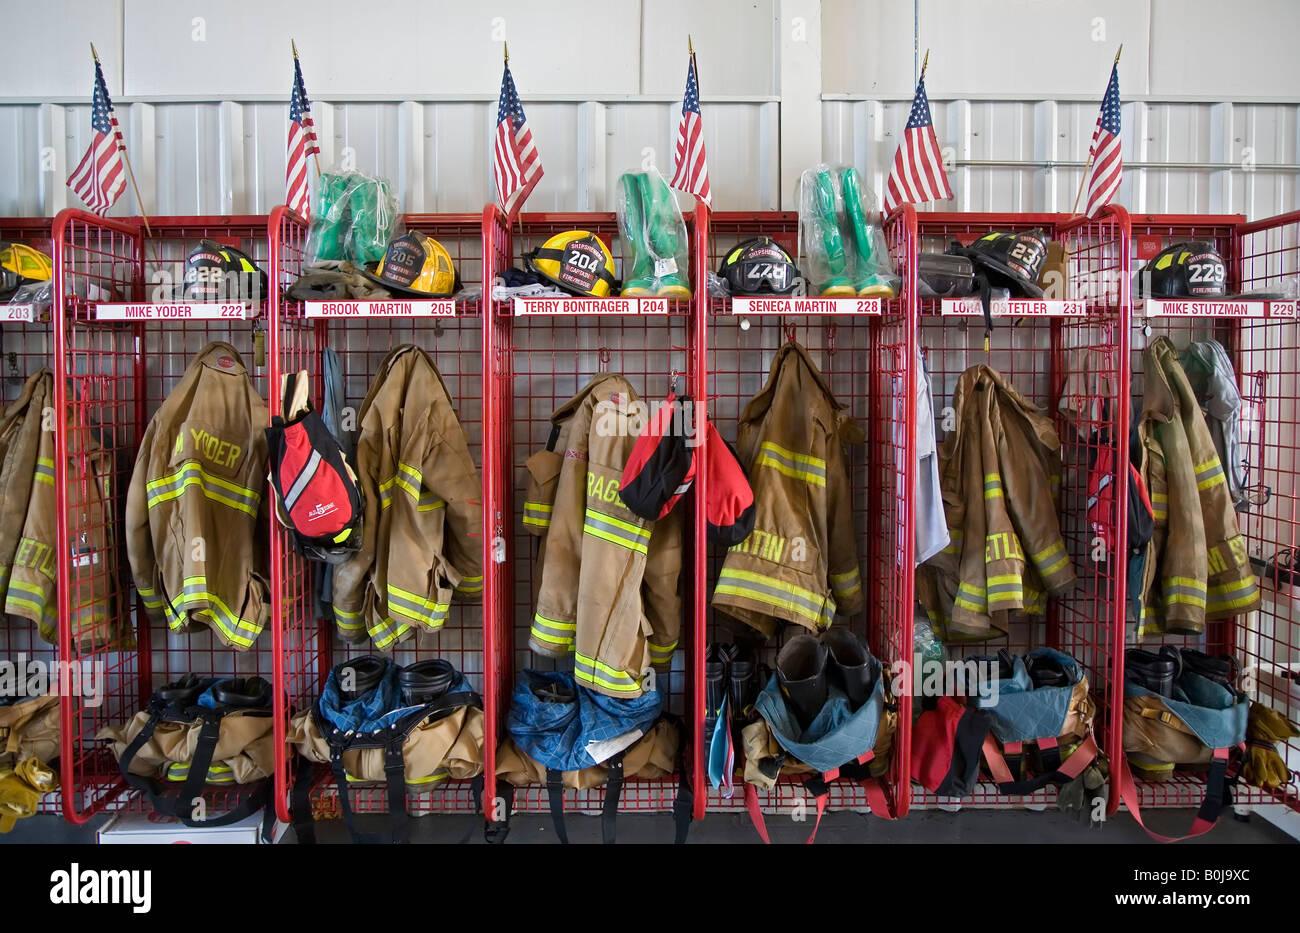 Volunteer Fire Department - Stock Image